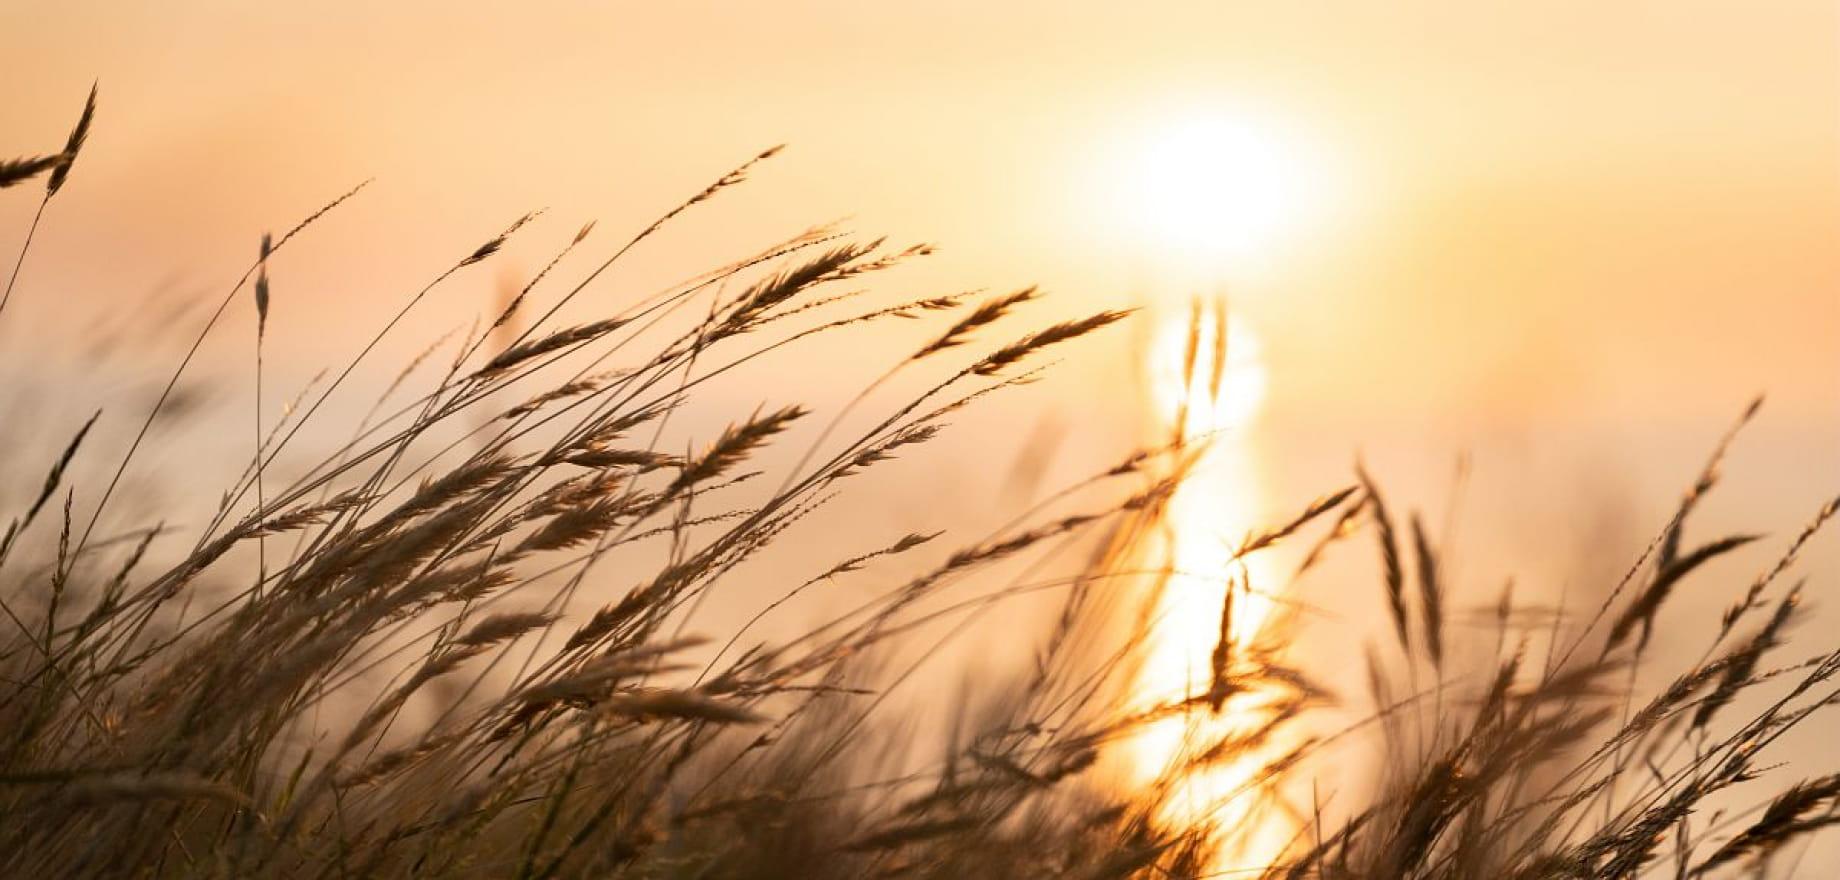 Pointe de la Bechue, plage Tournemine - Les Rosaires, Plerin - Lever soleil - Zoom vegetation